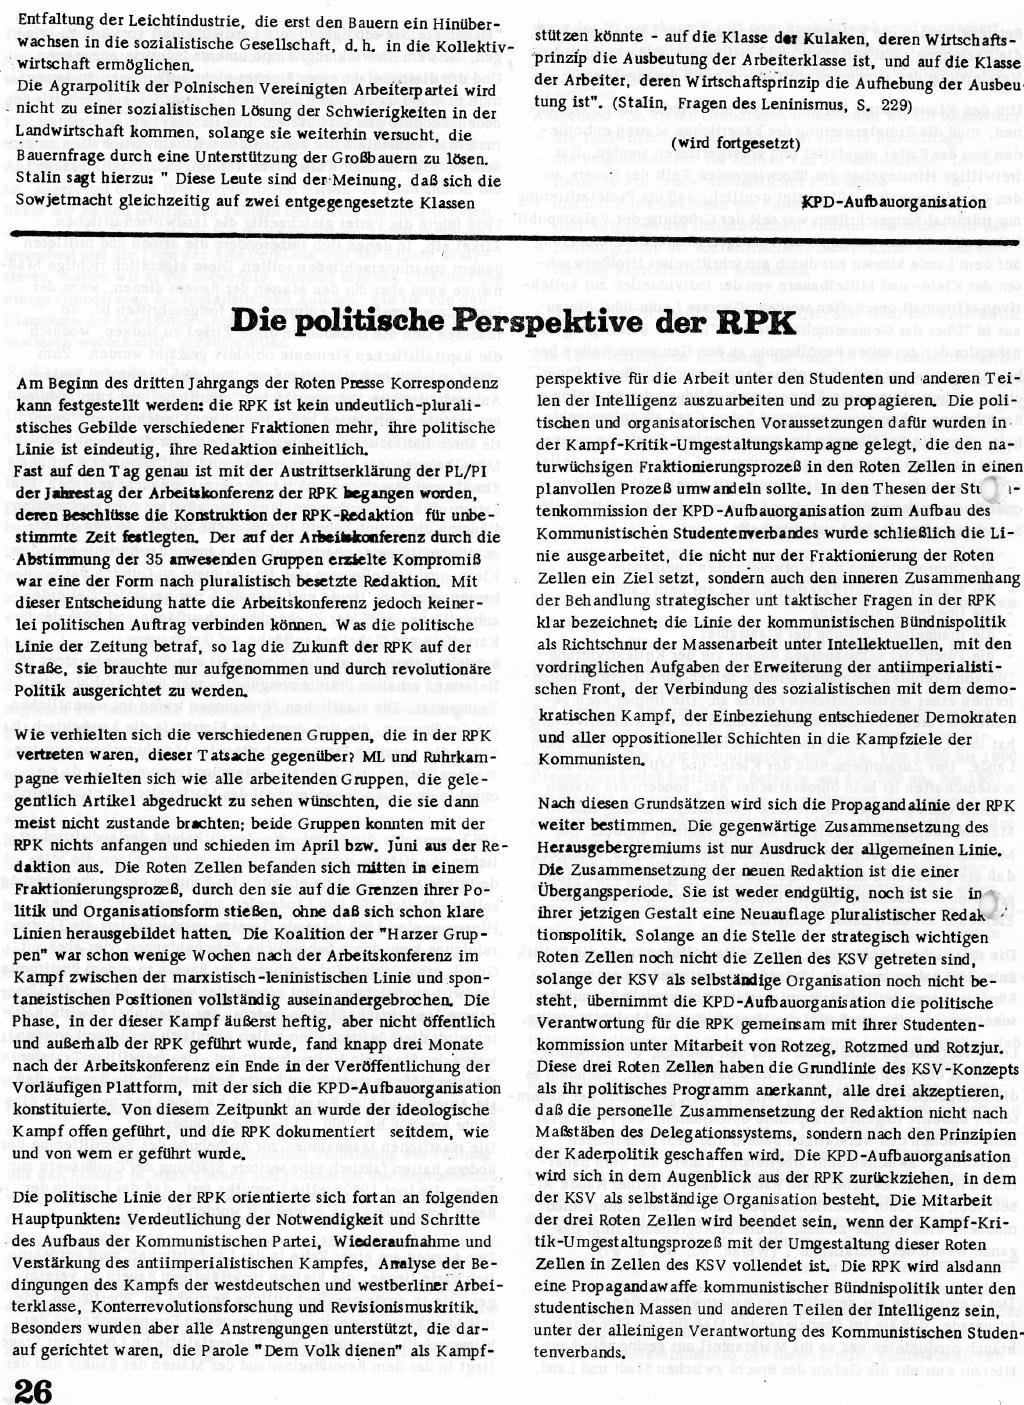 RPK_1971_096_097_26